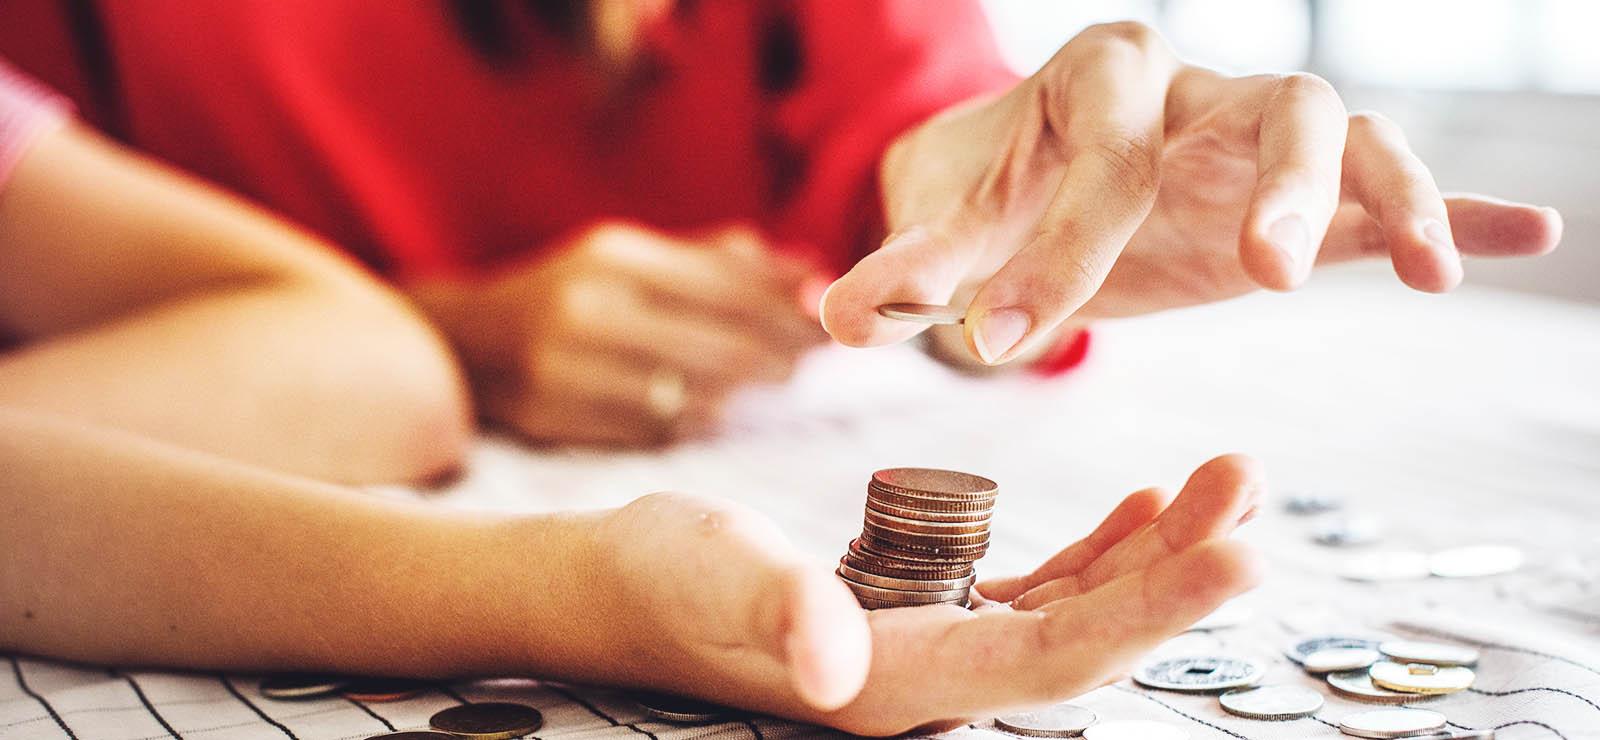 「スピリチュアル貧乏」って聞いたことありますか?お金とスピ系は真逆のエネルギー。